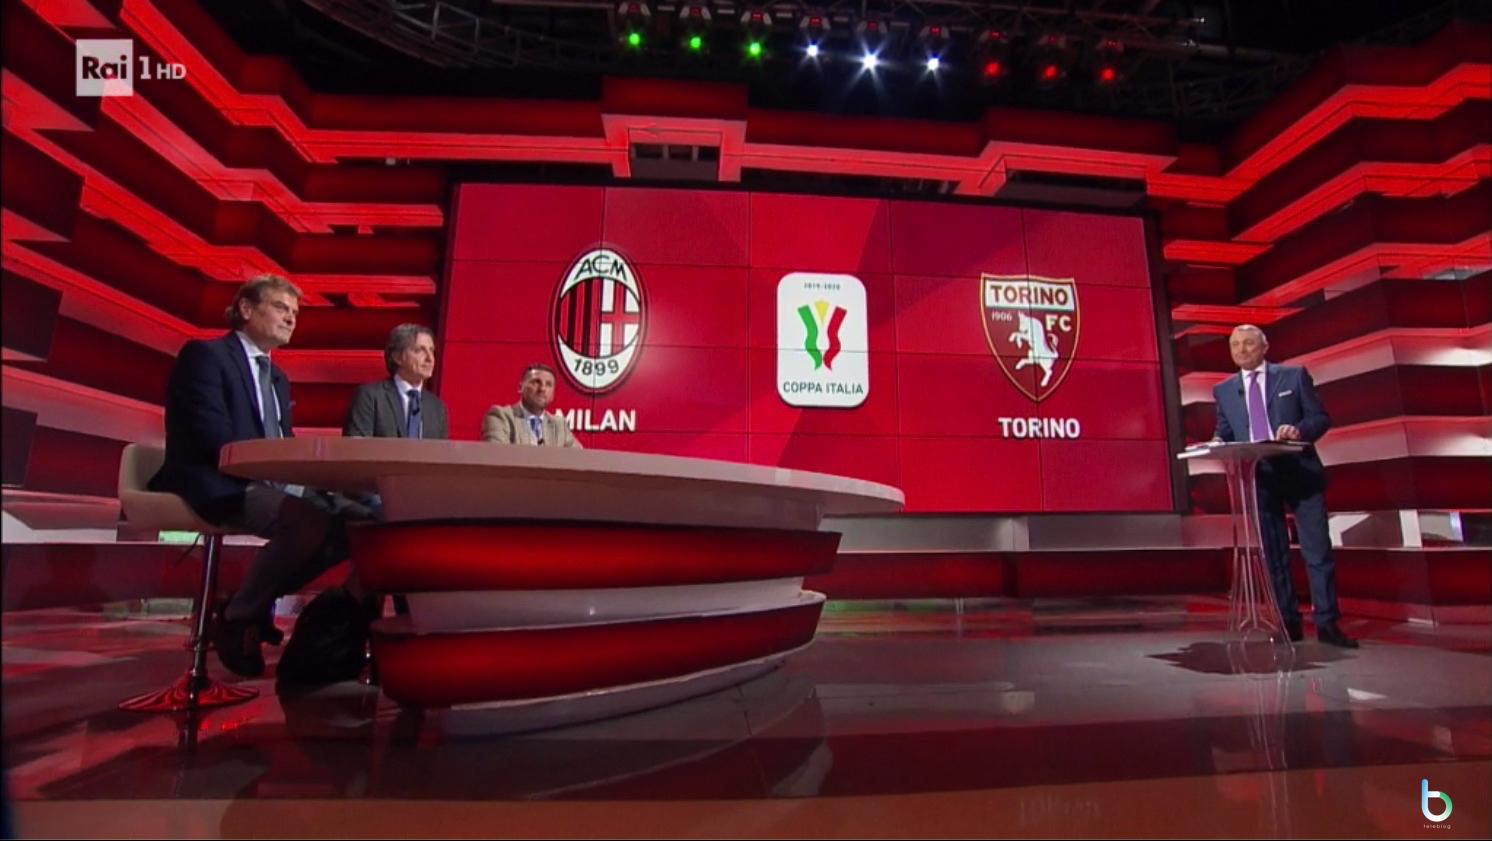 Ascolti tv 28 gennaio: il calcio sempre al top, bene La pupa e il secchione